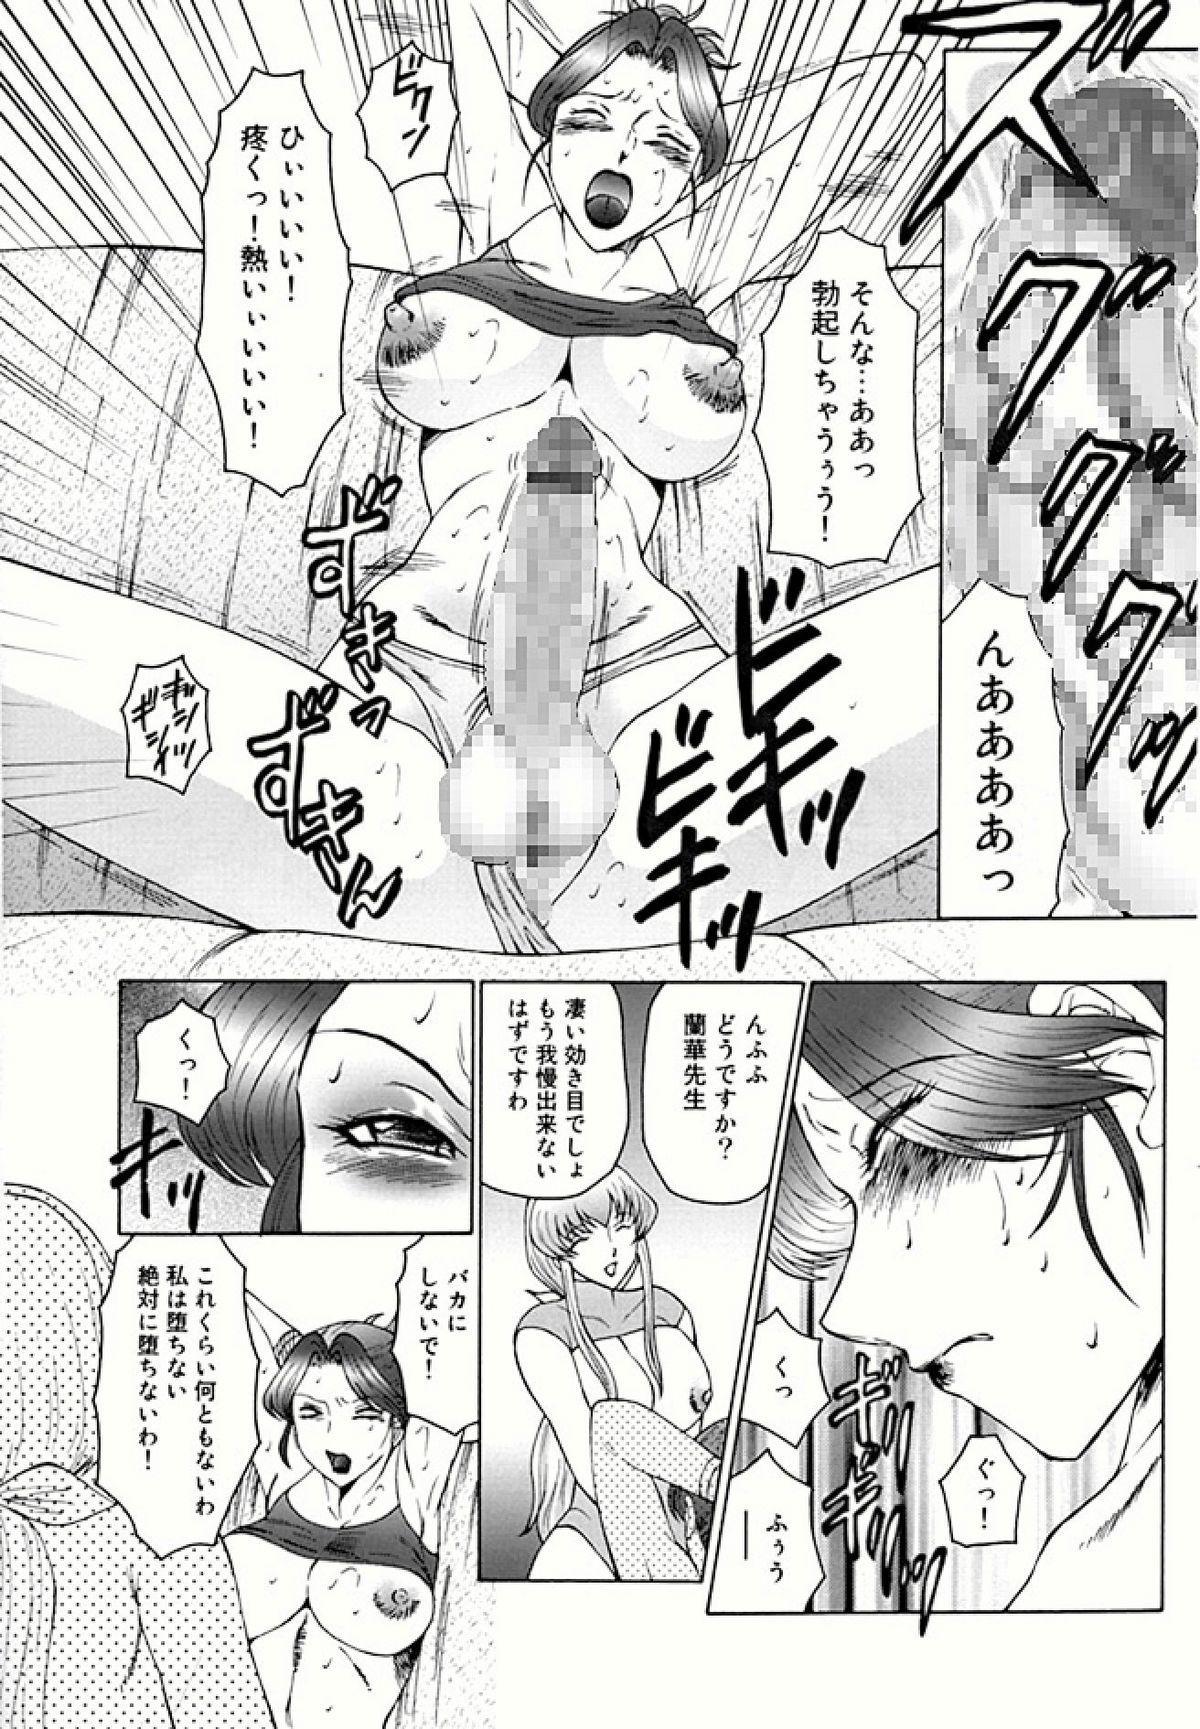 Futagami - Futanari Onna Kyoushi Zecchou Hiroku 141